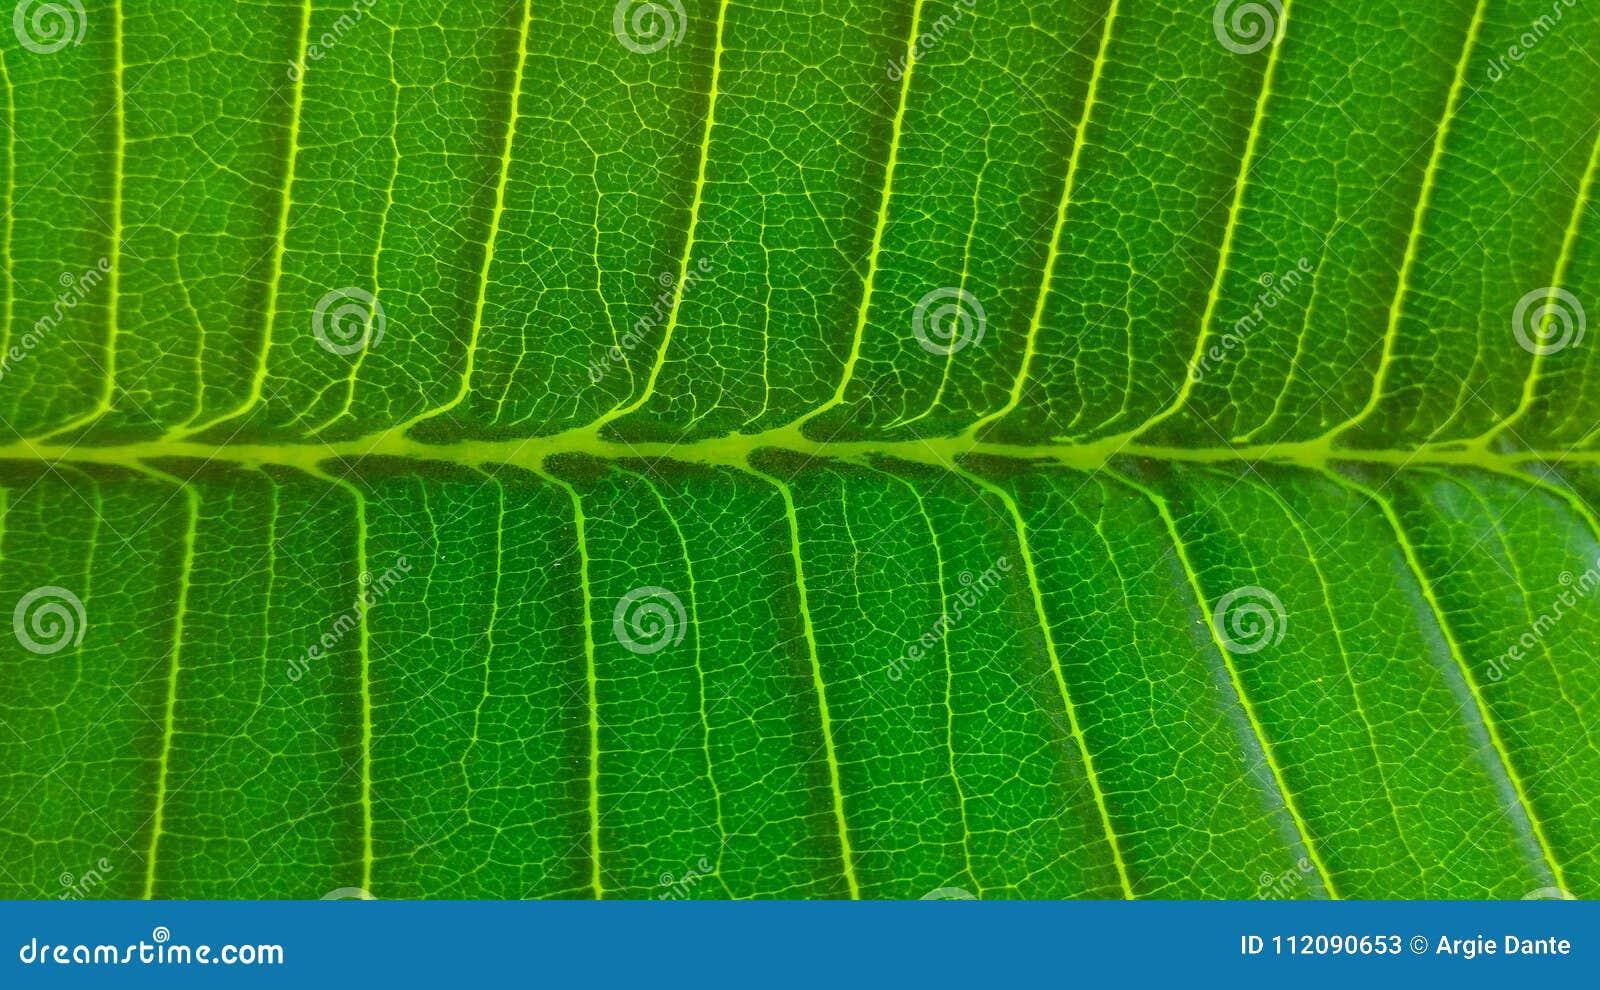 Testes padrões em uma folha